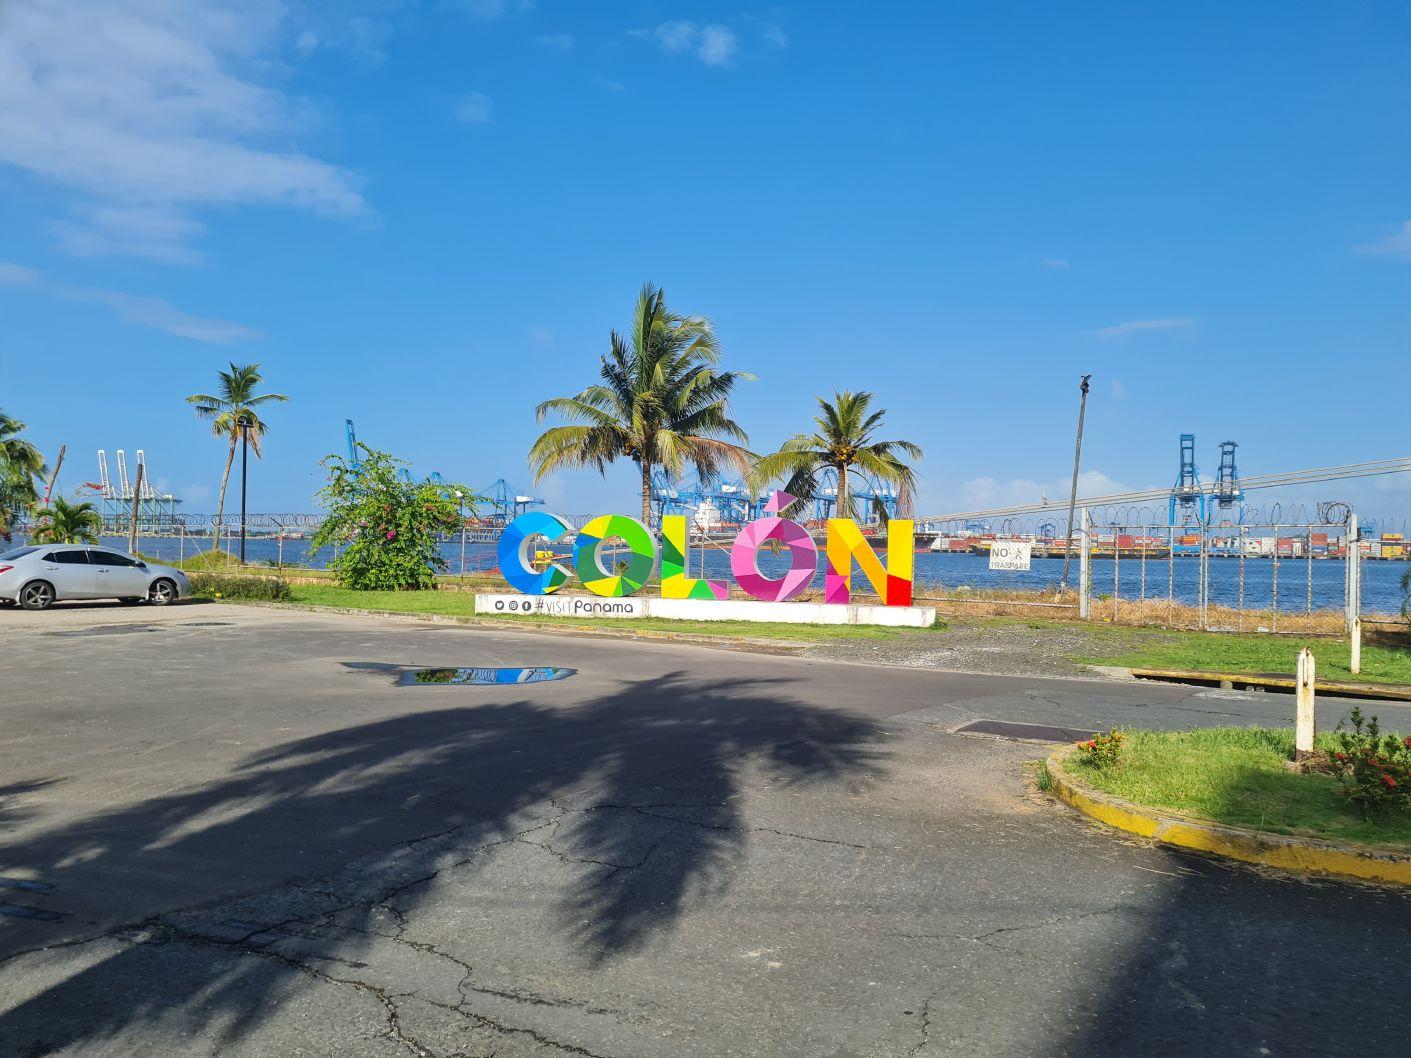 Omylem v Panamě - 2. díl